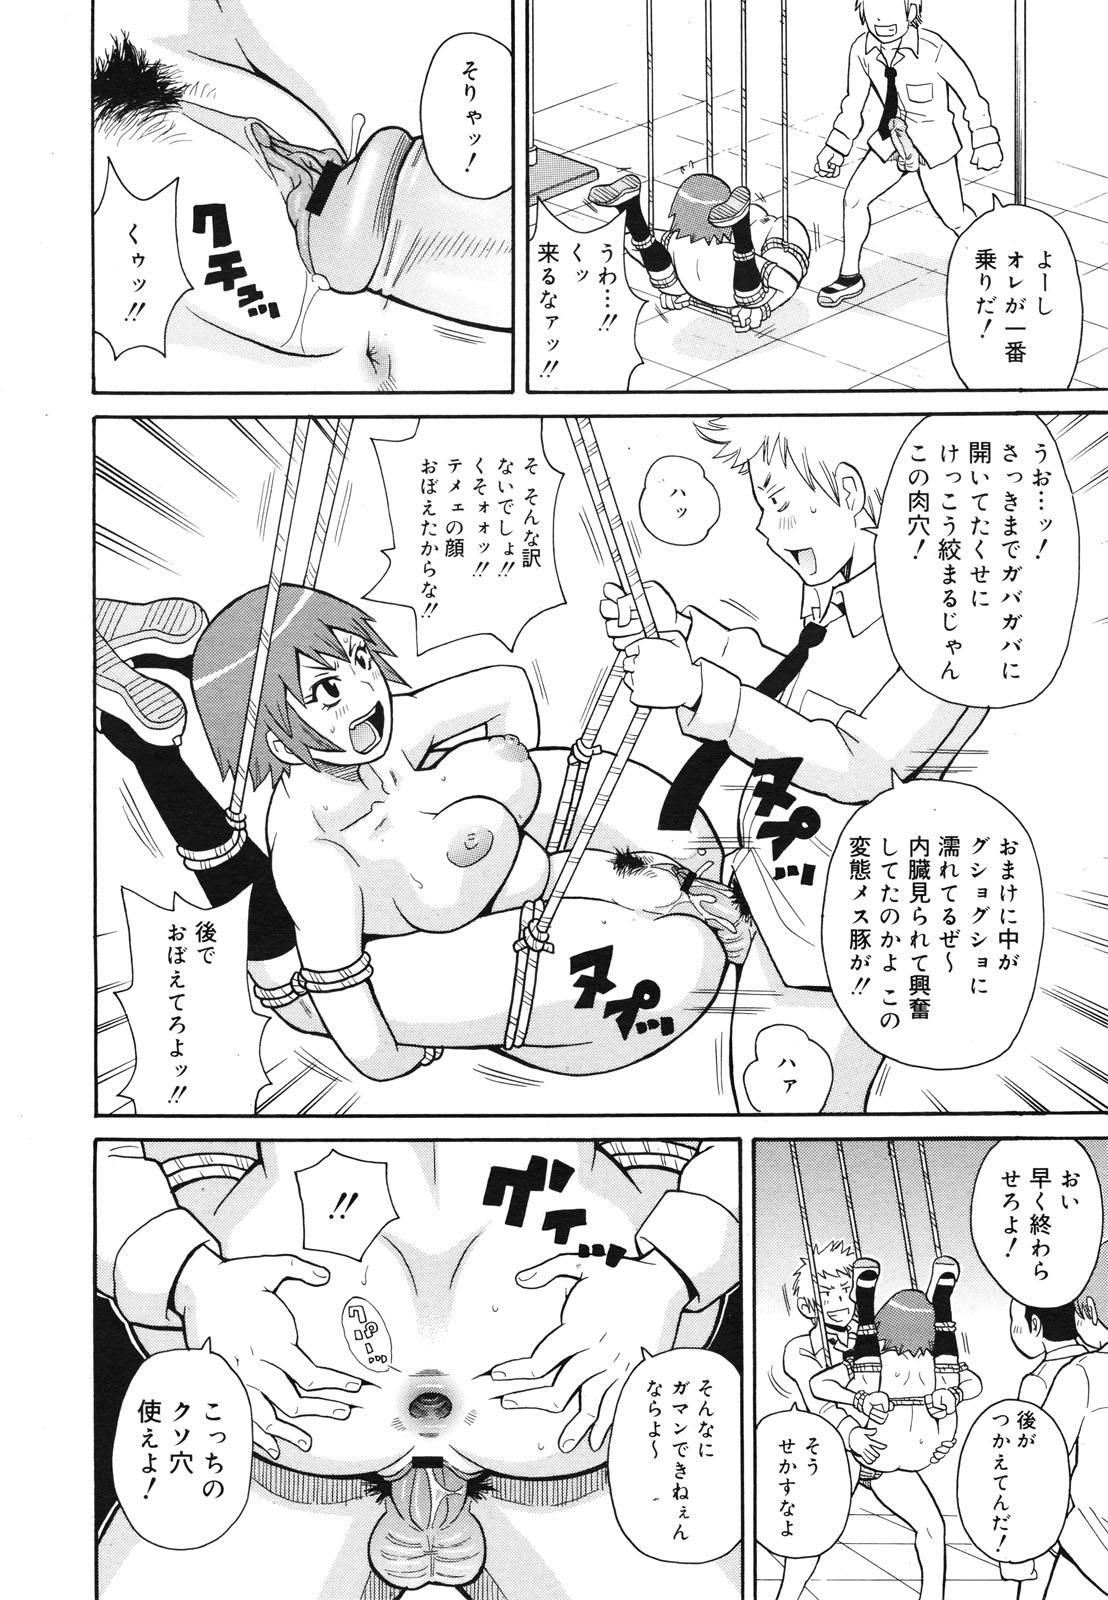 COMIC 0EX Vol. 28 2010-04 359